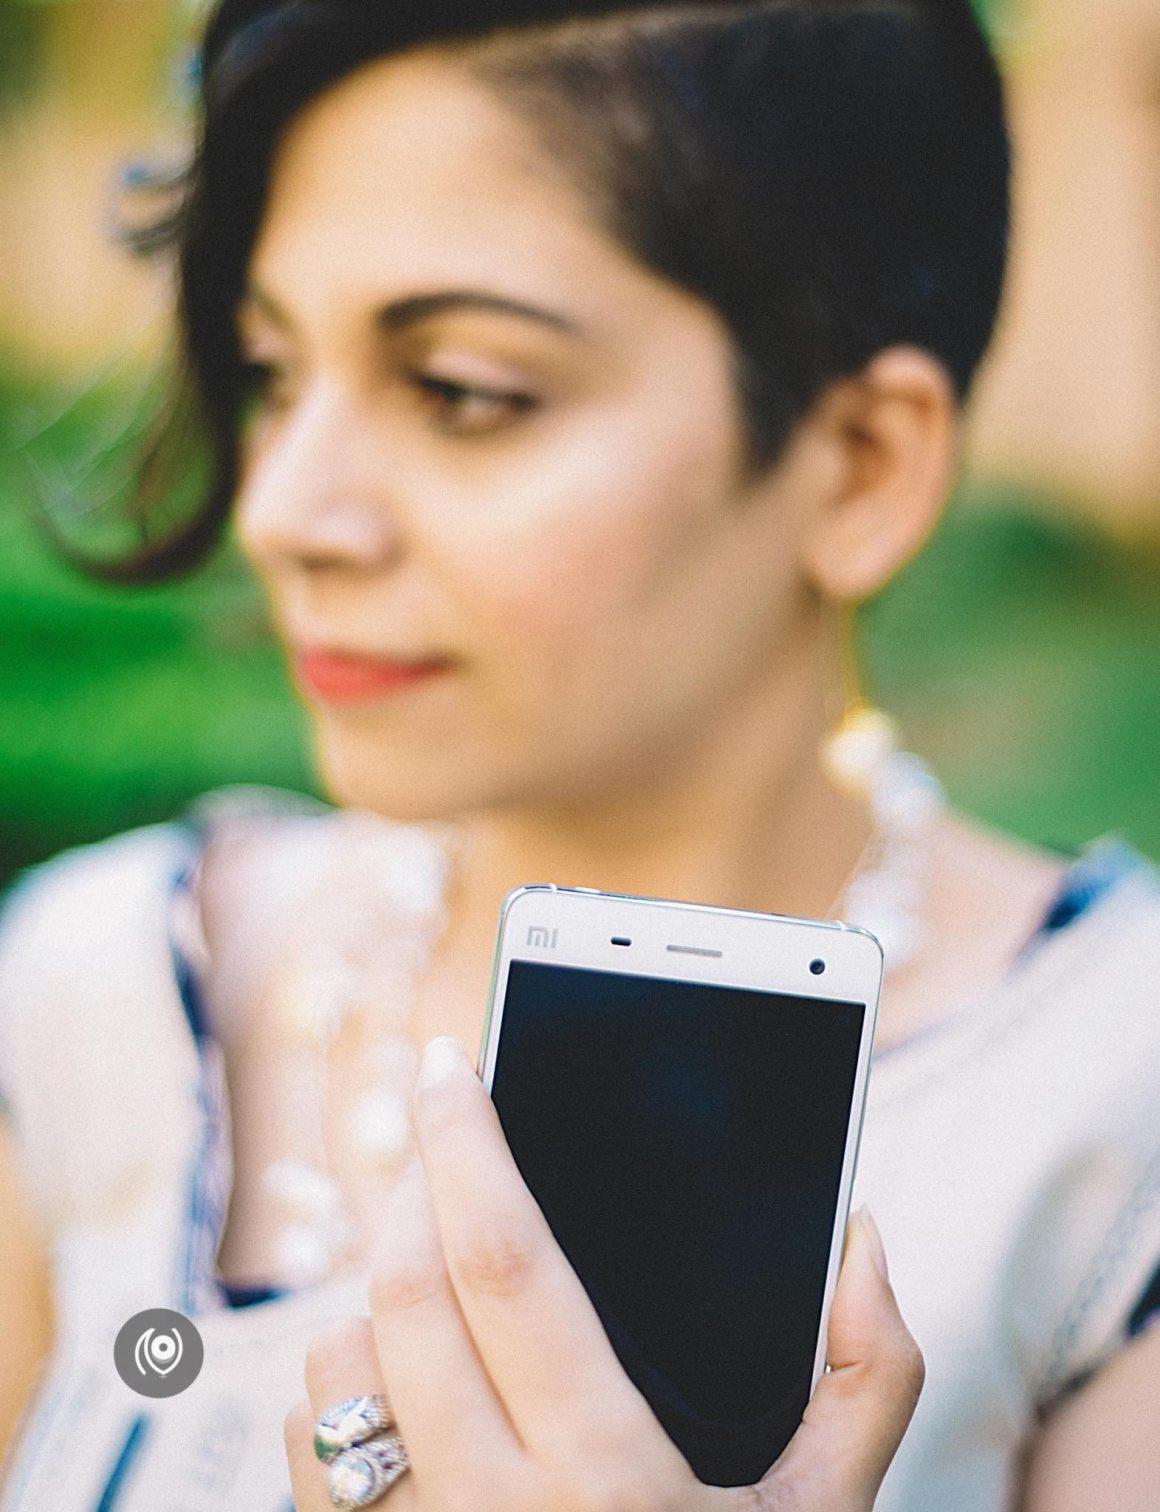 Naina.co-Raconteuse-Visuelle-Photographer-Blogger-Storyteller-Luxury-Lifestyle-CoverUp-Mi-UrvashiKaur-Risa-09